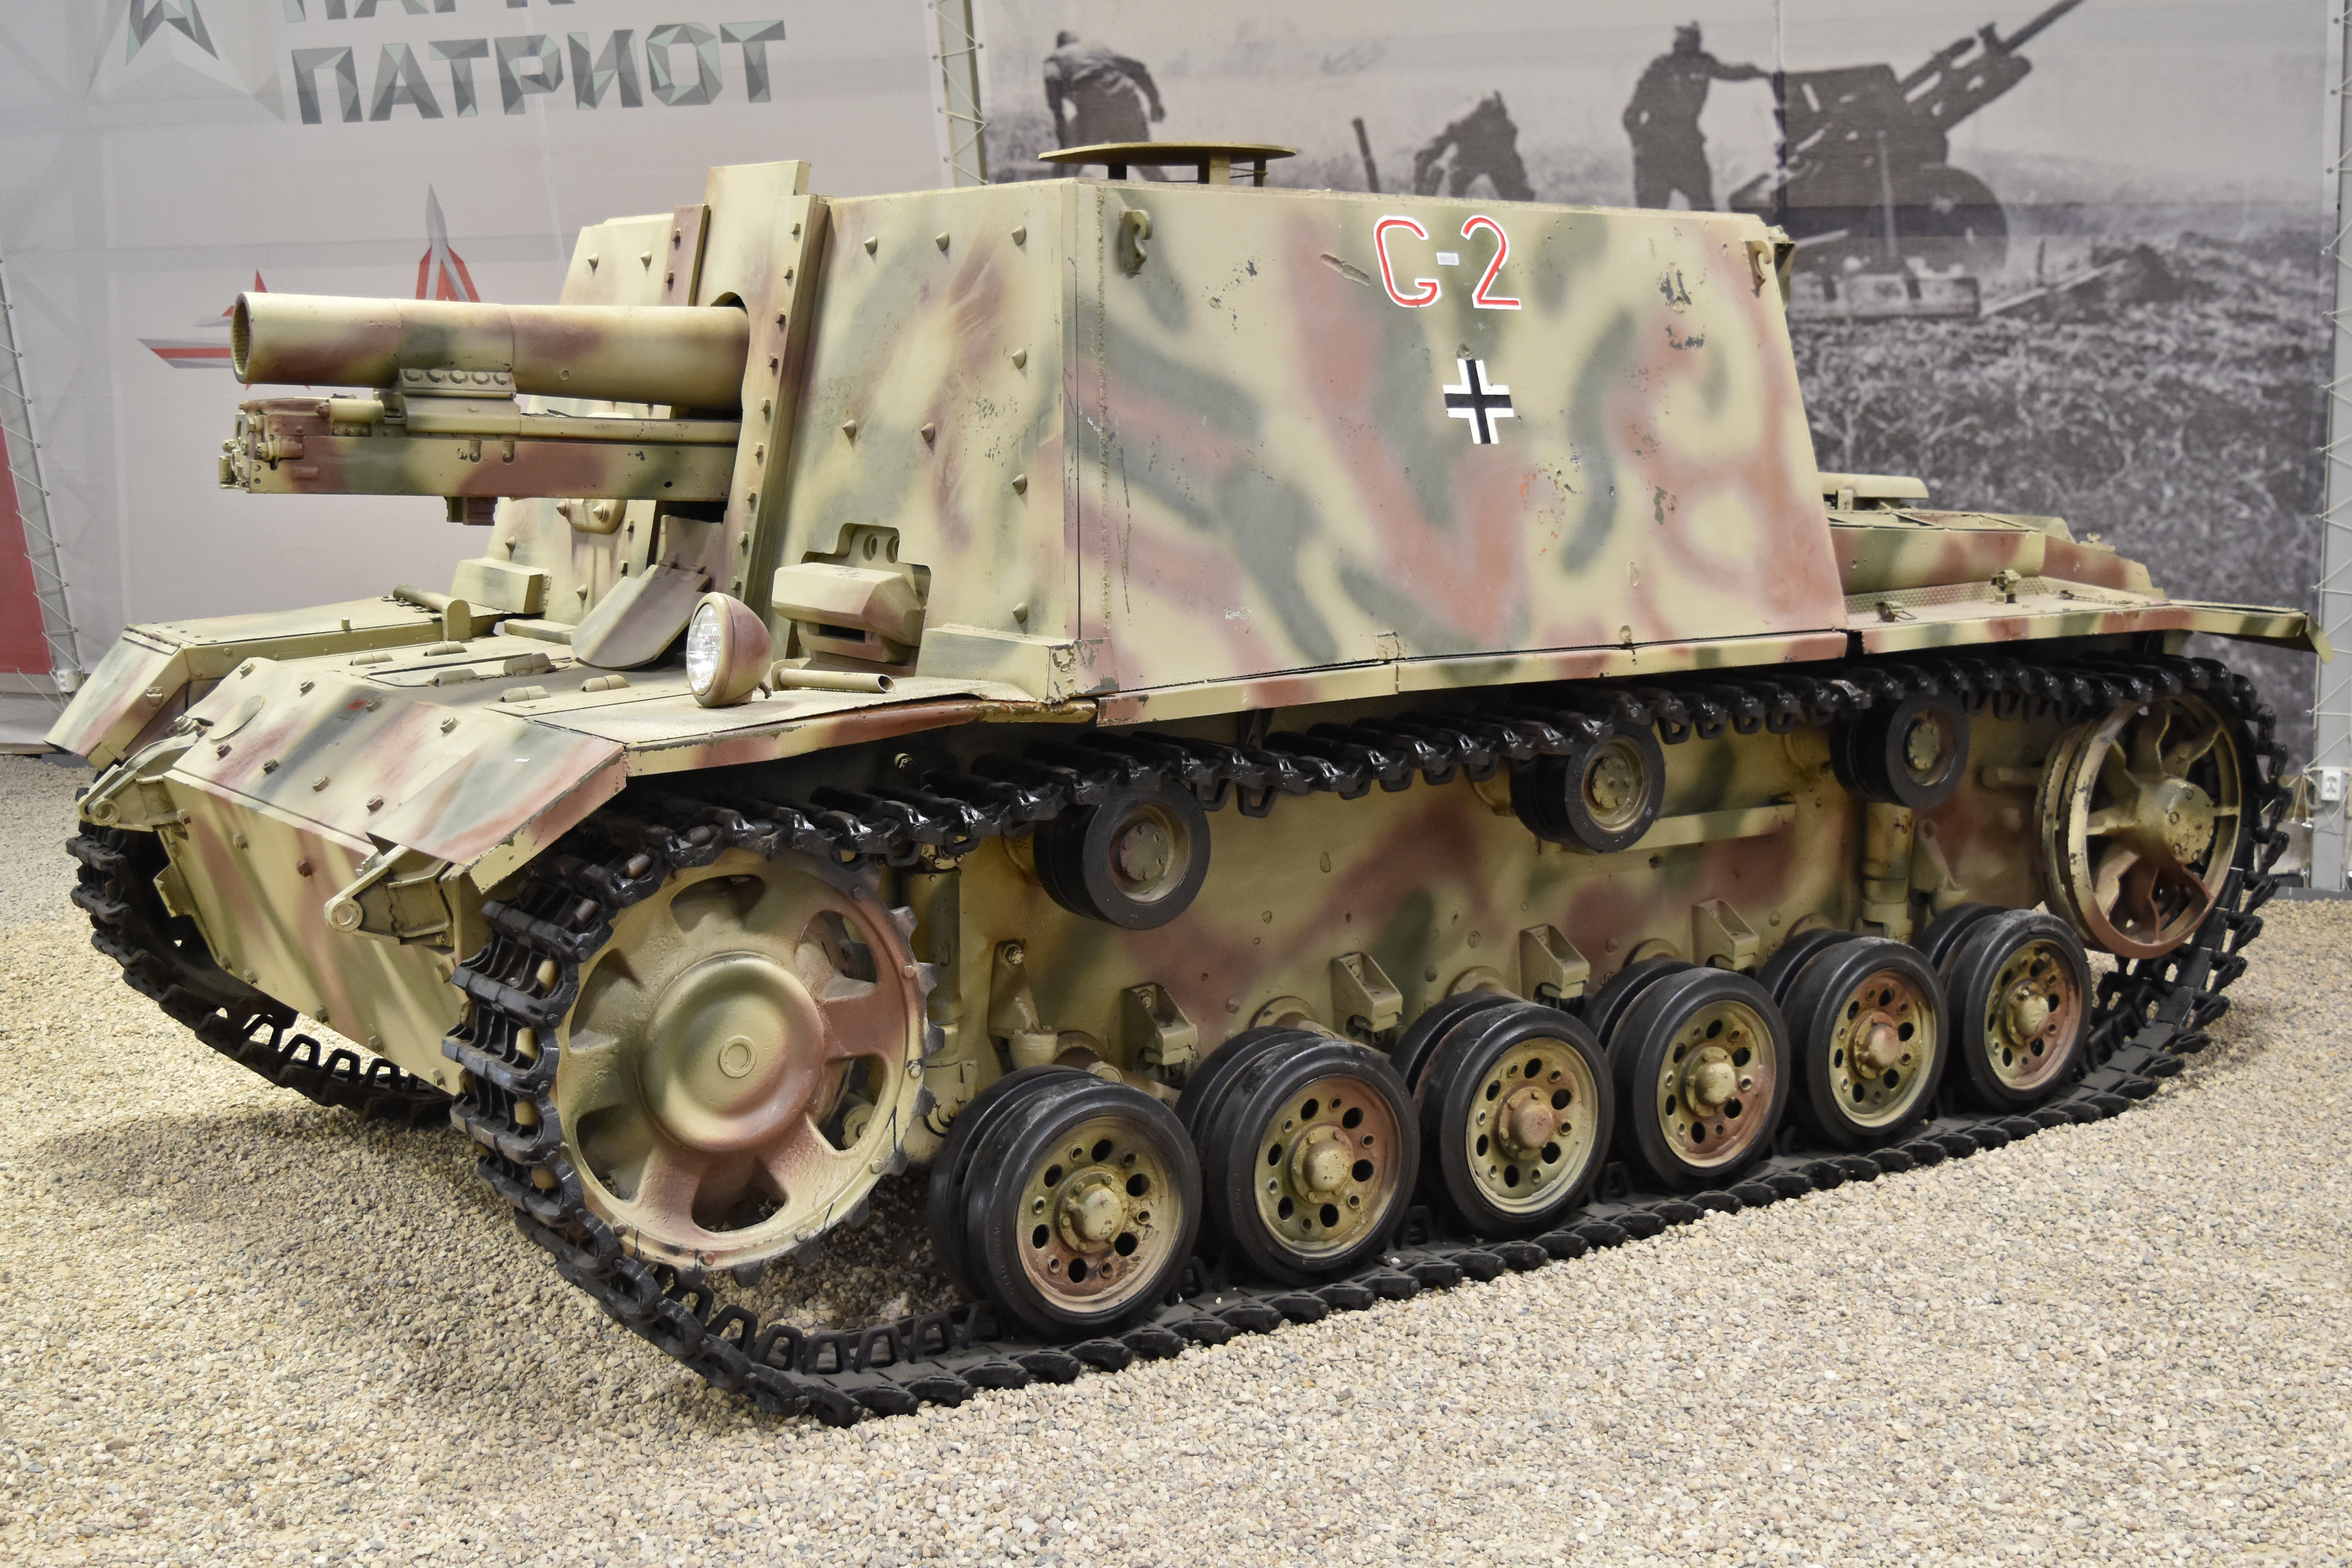 Sturminfanteriegesch%C3%BCtz 33B %E2%80%98G 2%E2%80%99   Patriot Museum%2C Kubinka %2838346470826%29 - Gaijin Please: Sturm-Infanteriegeschütz 33B (Hopefully for the last time!)